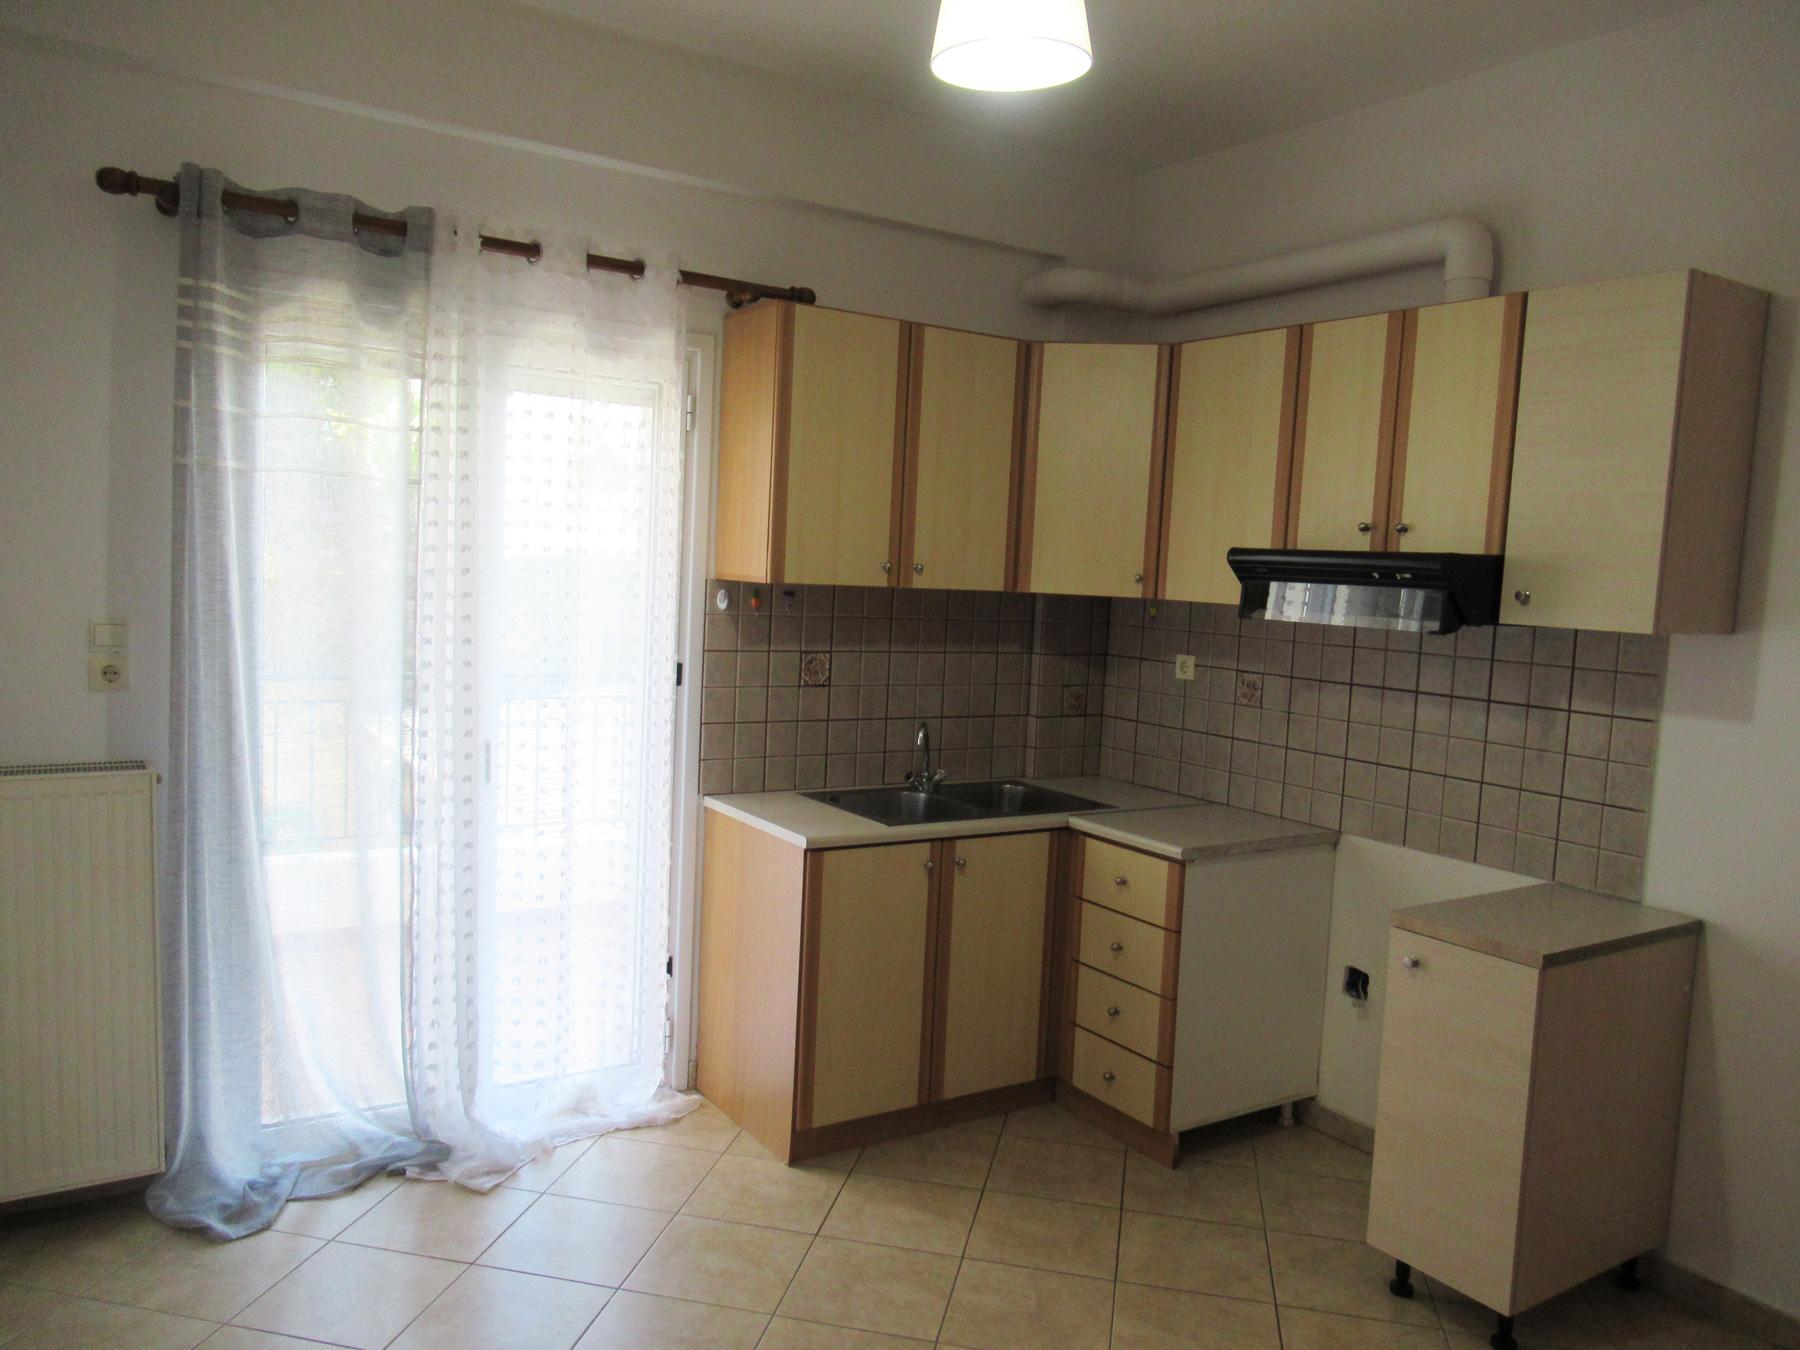 Ενοικιάζεται δυάρι διαμέρισμα 42 τ.μ. 1ου ορόφου σε ήσυχη γειτονιά στην Ανατολή Ιωαννίνων